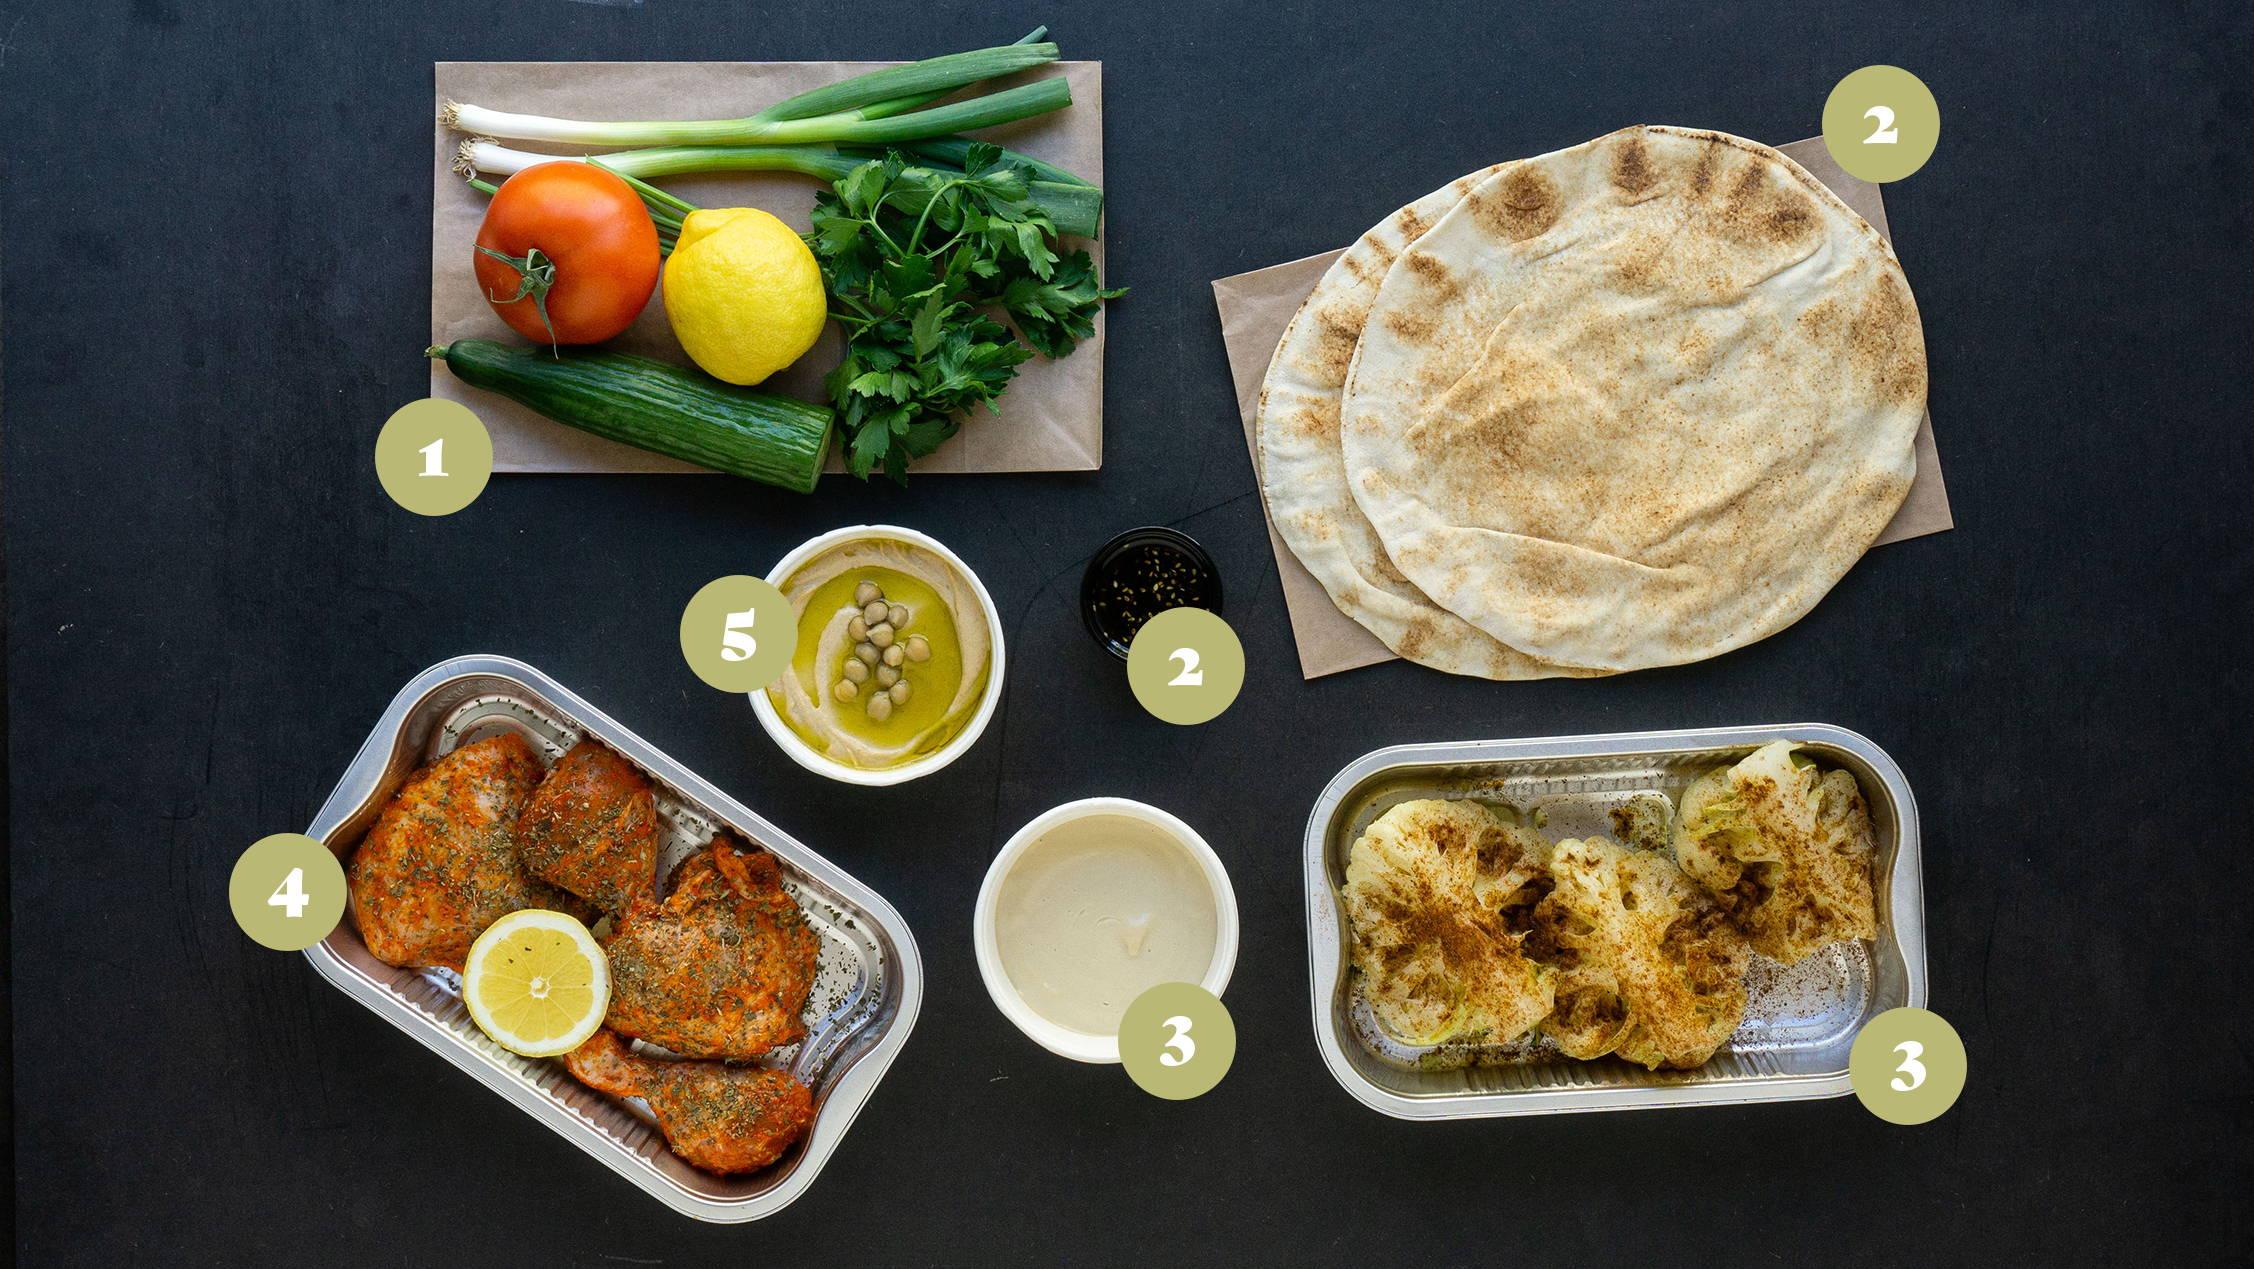 Opskrifter og vejledning til Harissa kylling, blomkål med tahini, israelsk salat og hummus